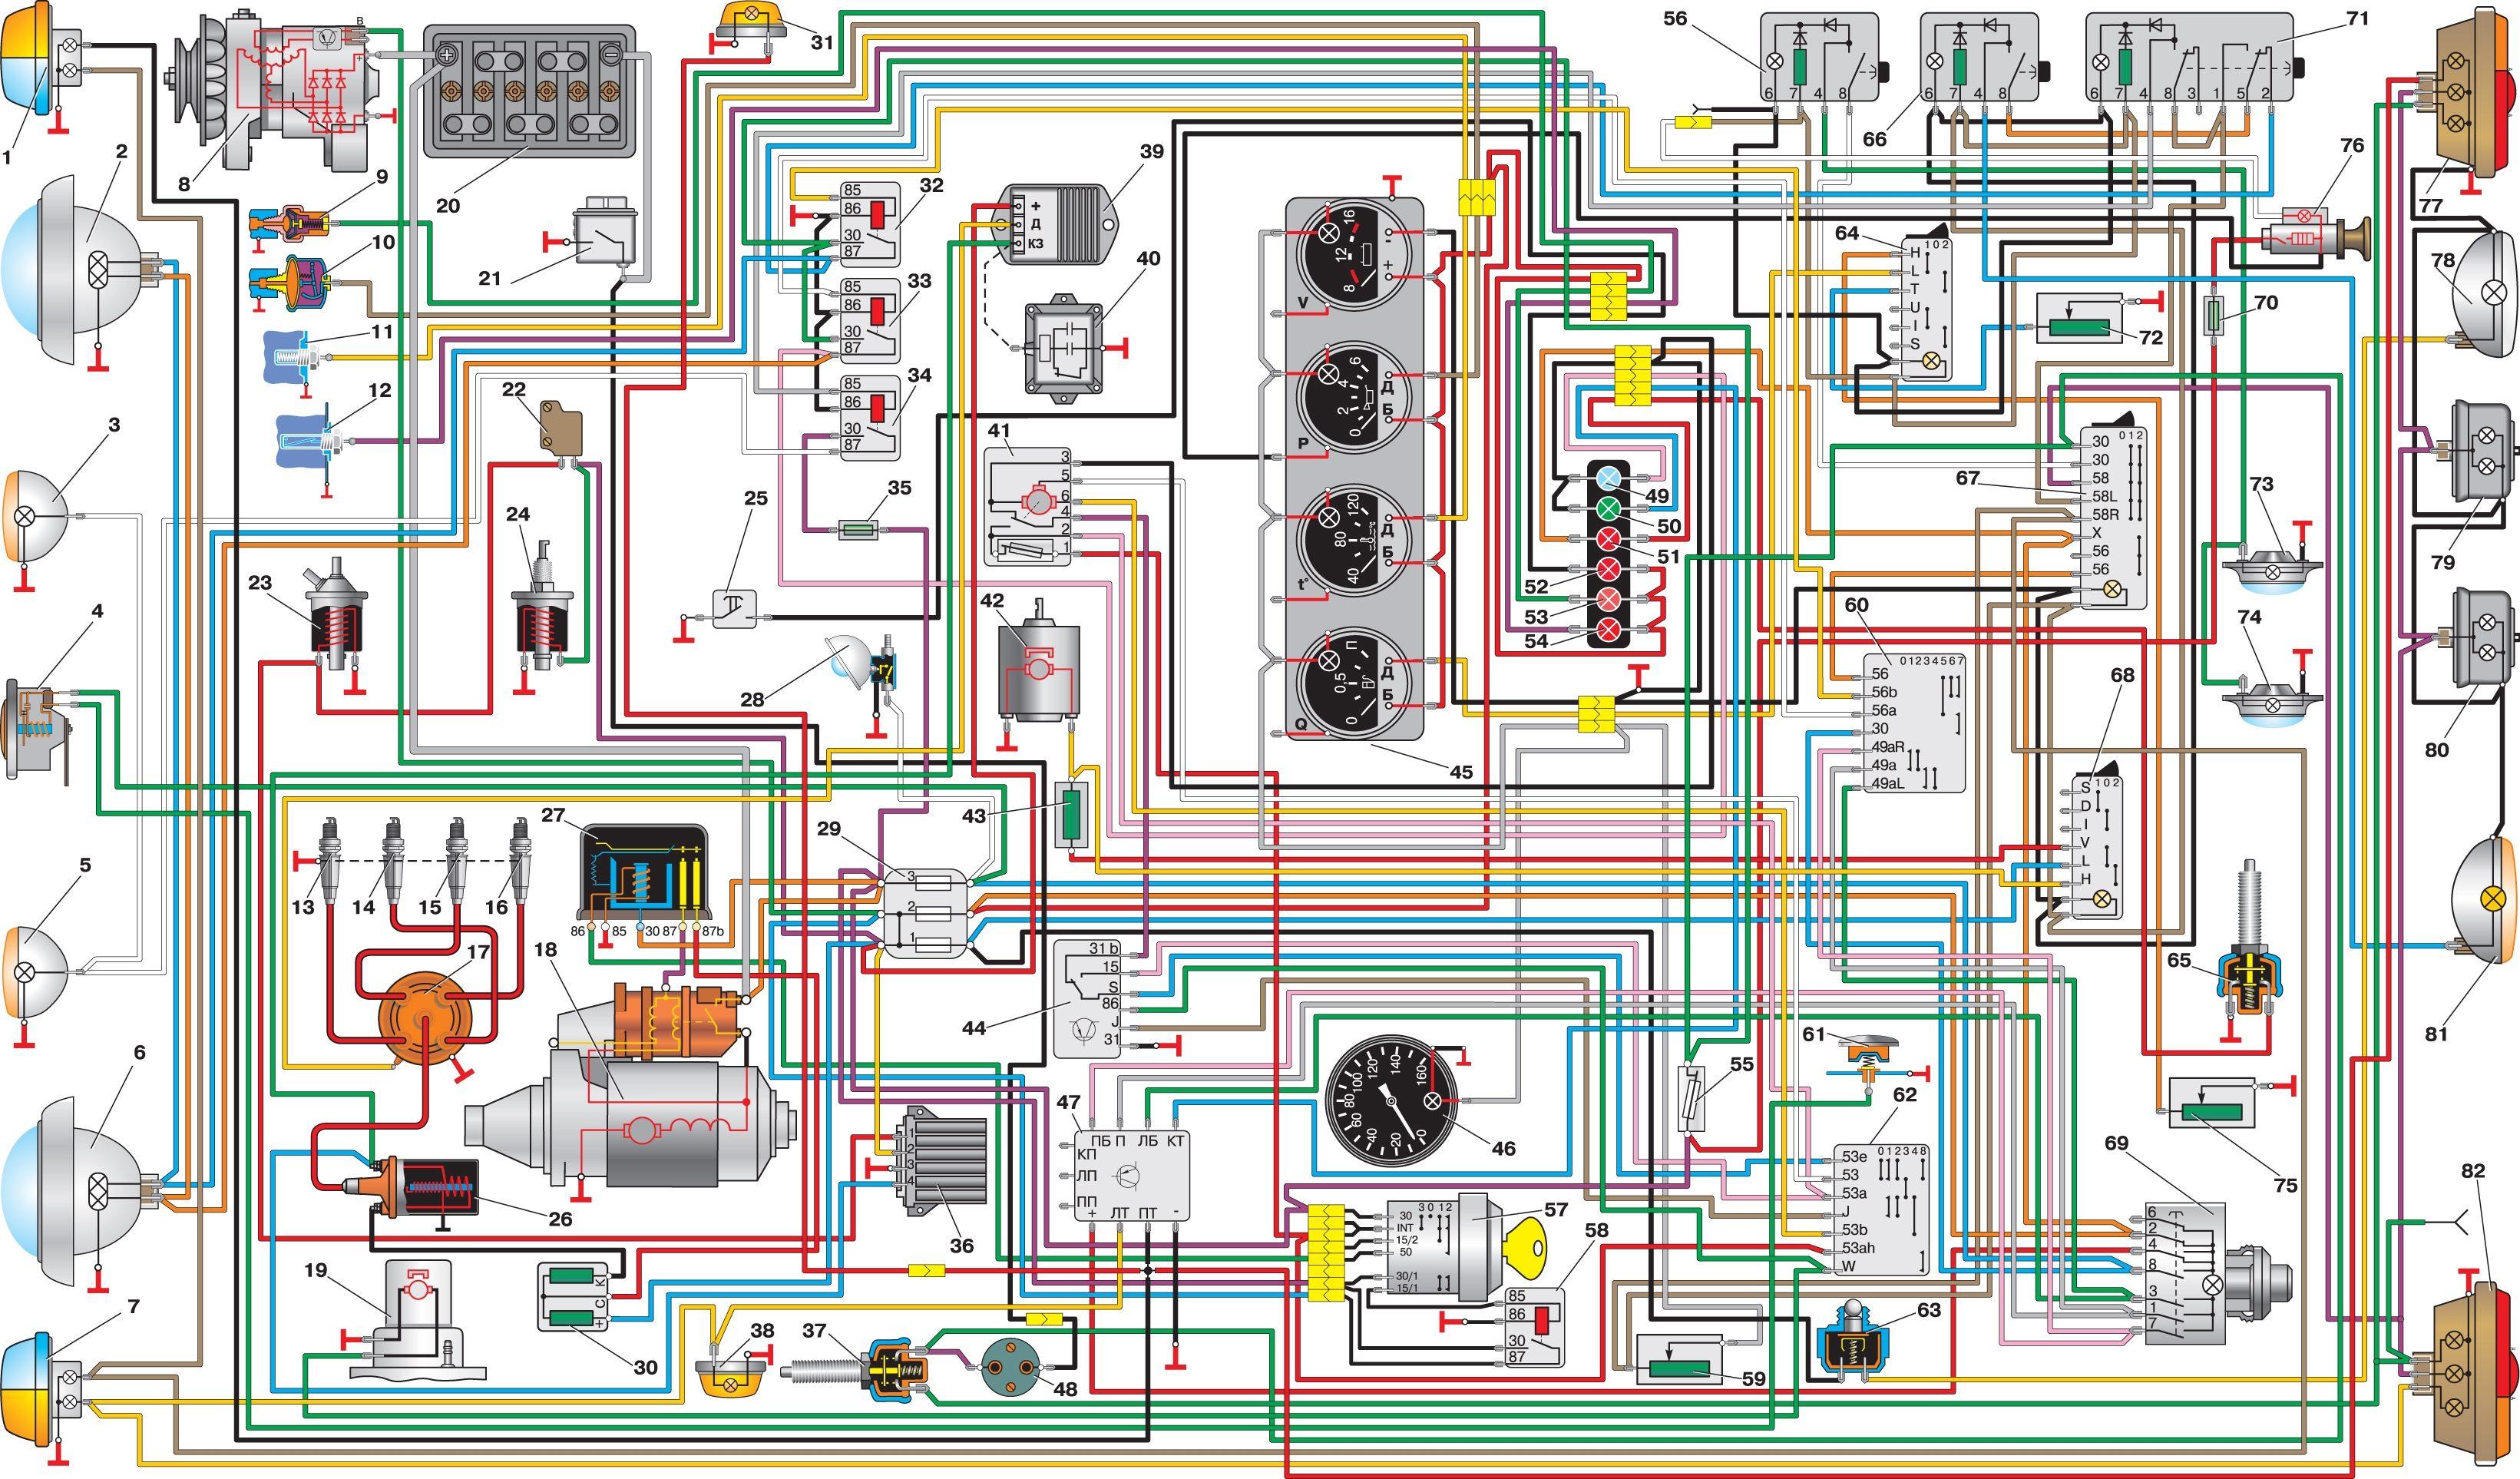 Уаз 3962 схема электропроводки